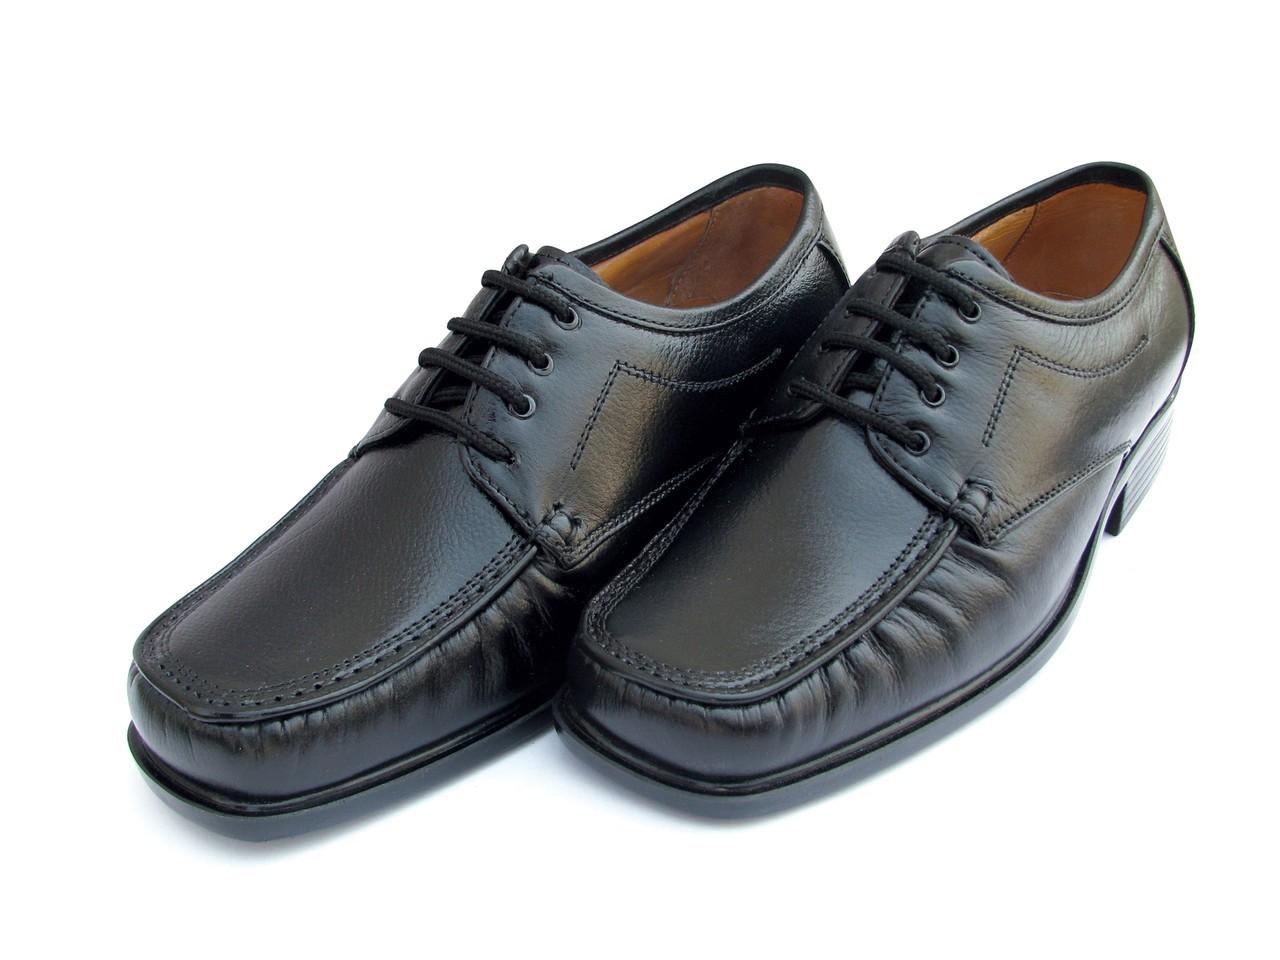 Warto wybierać buty dobrej jakości